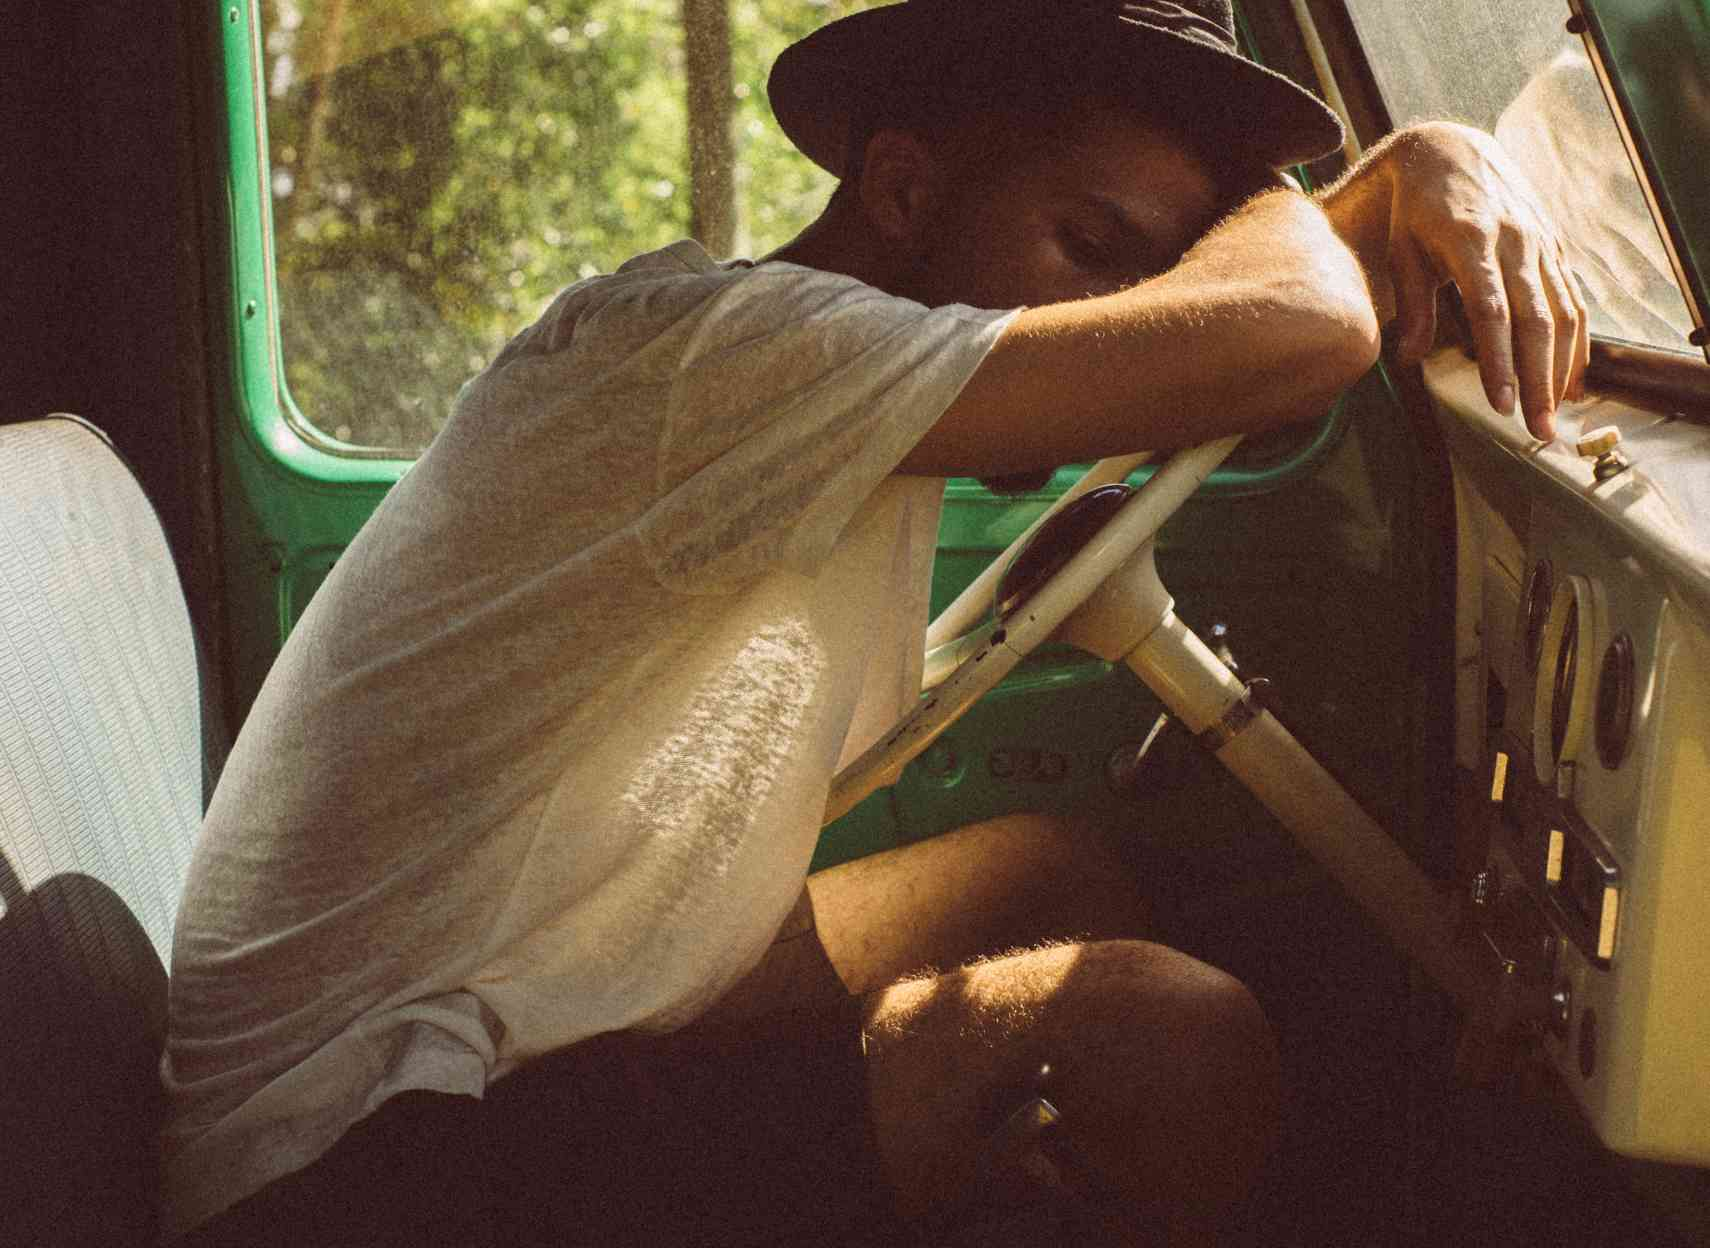 Conseils pour lutter contre la fatigue au volant